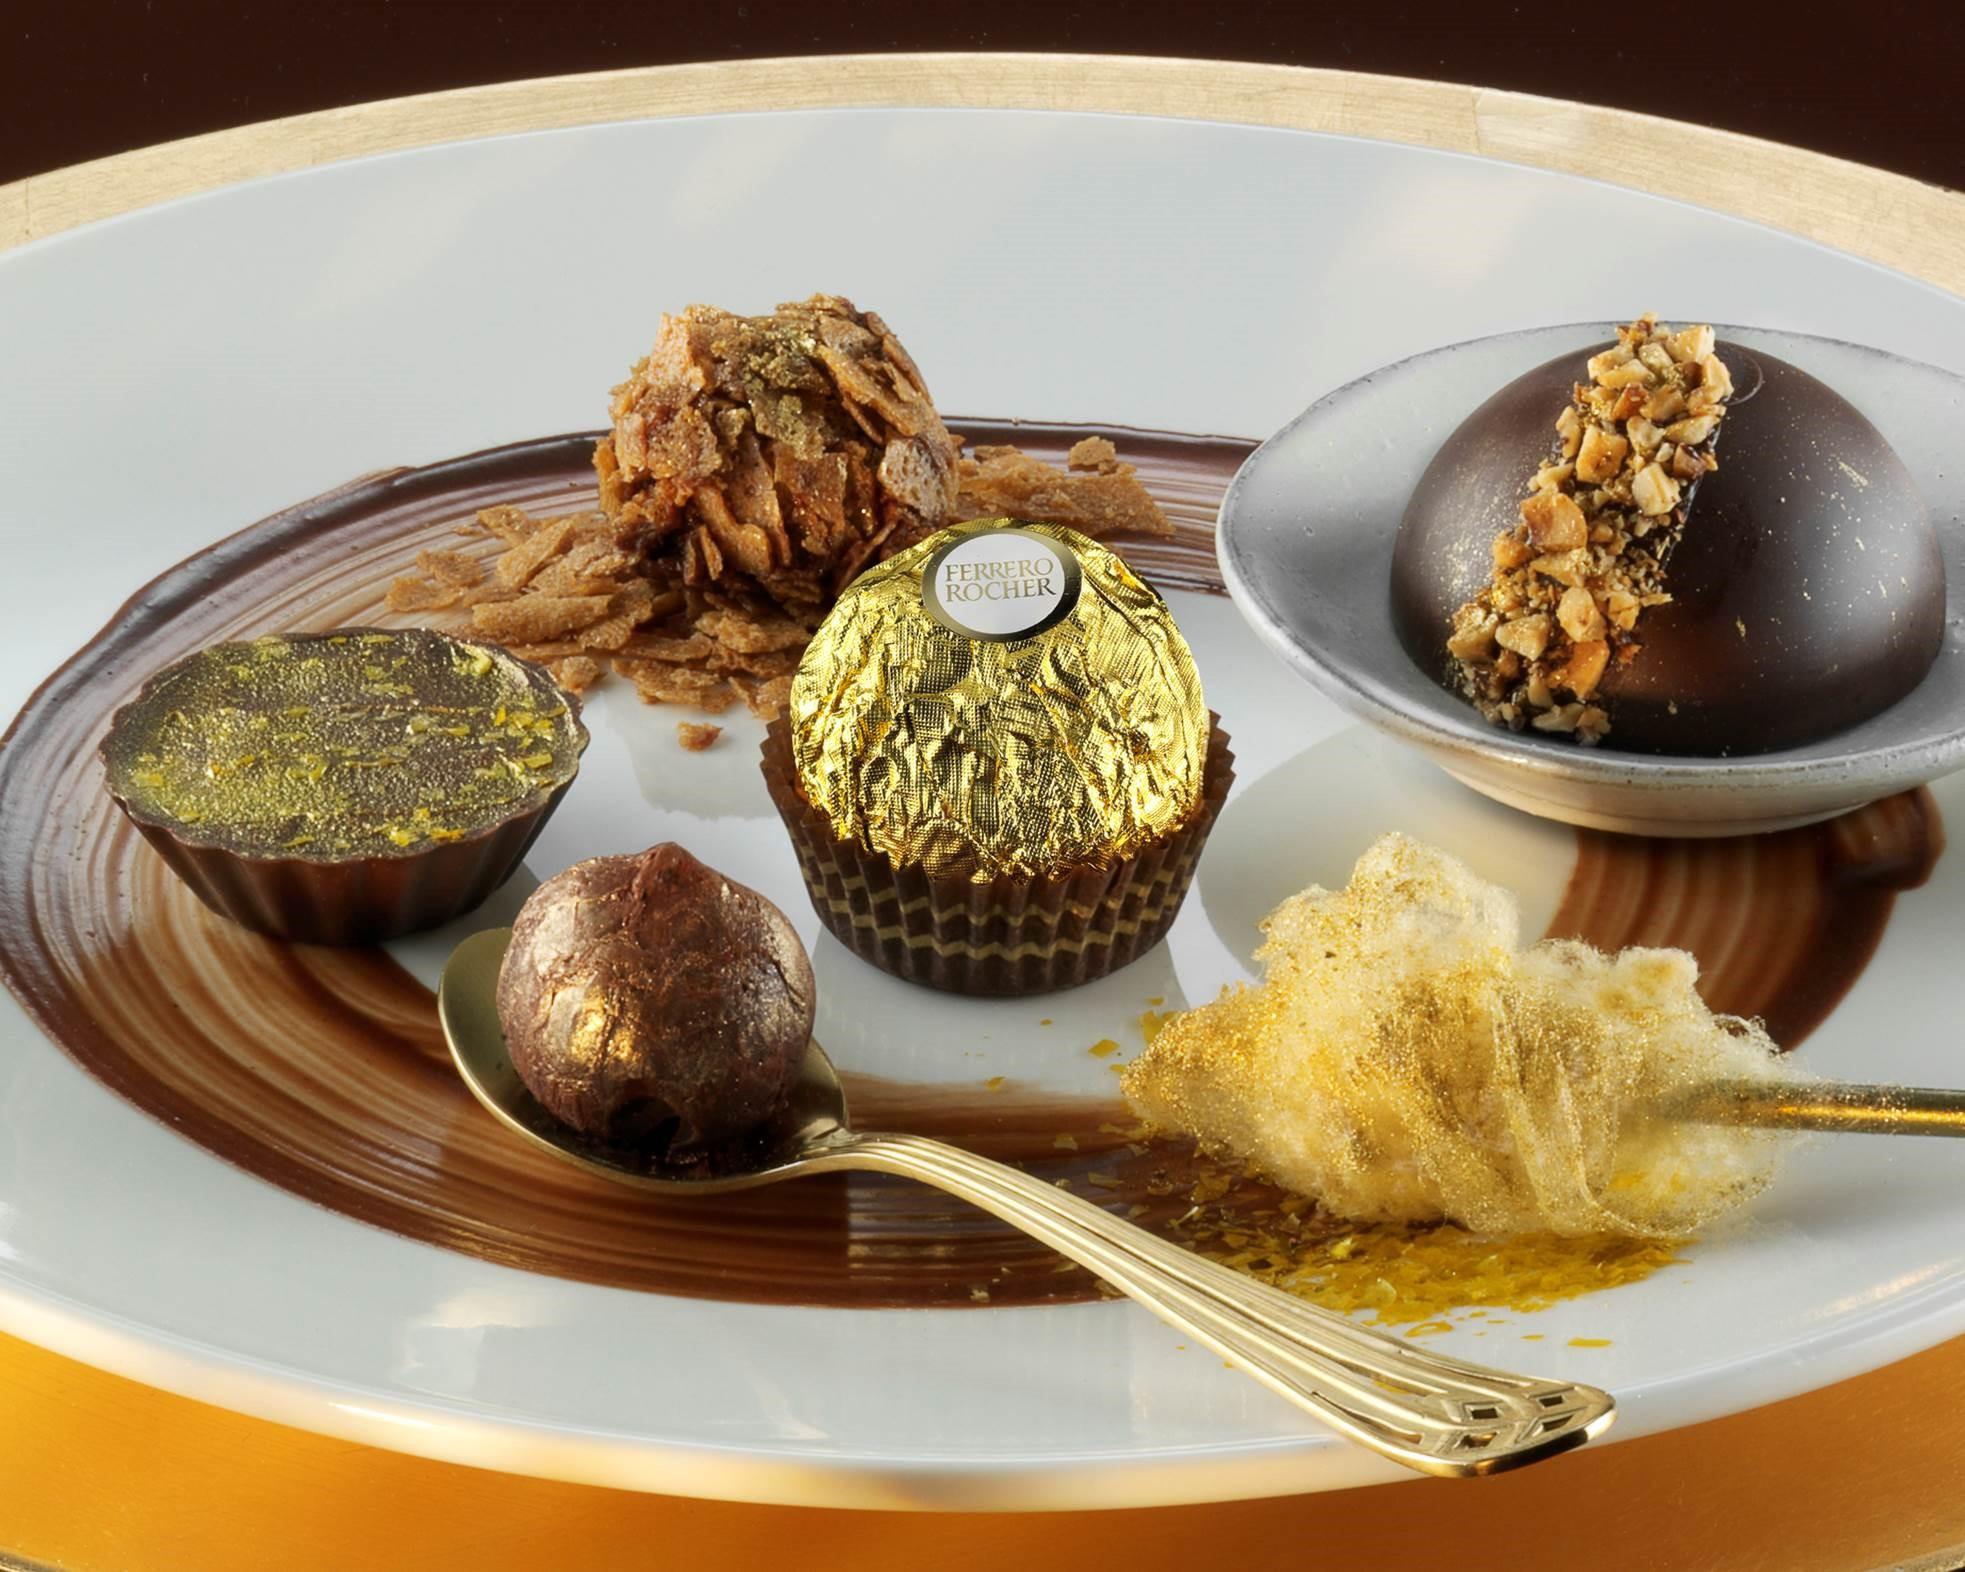 Ferrero Rocher competition dolce dessert plate